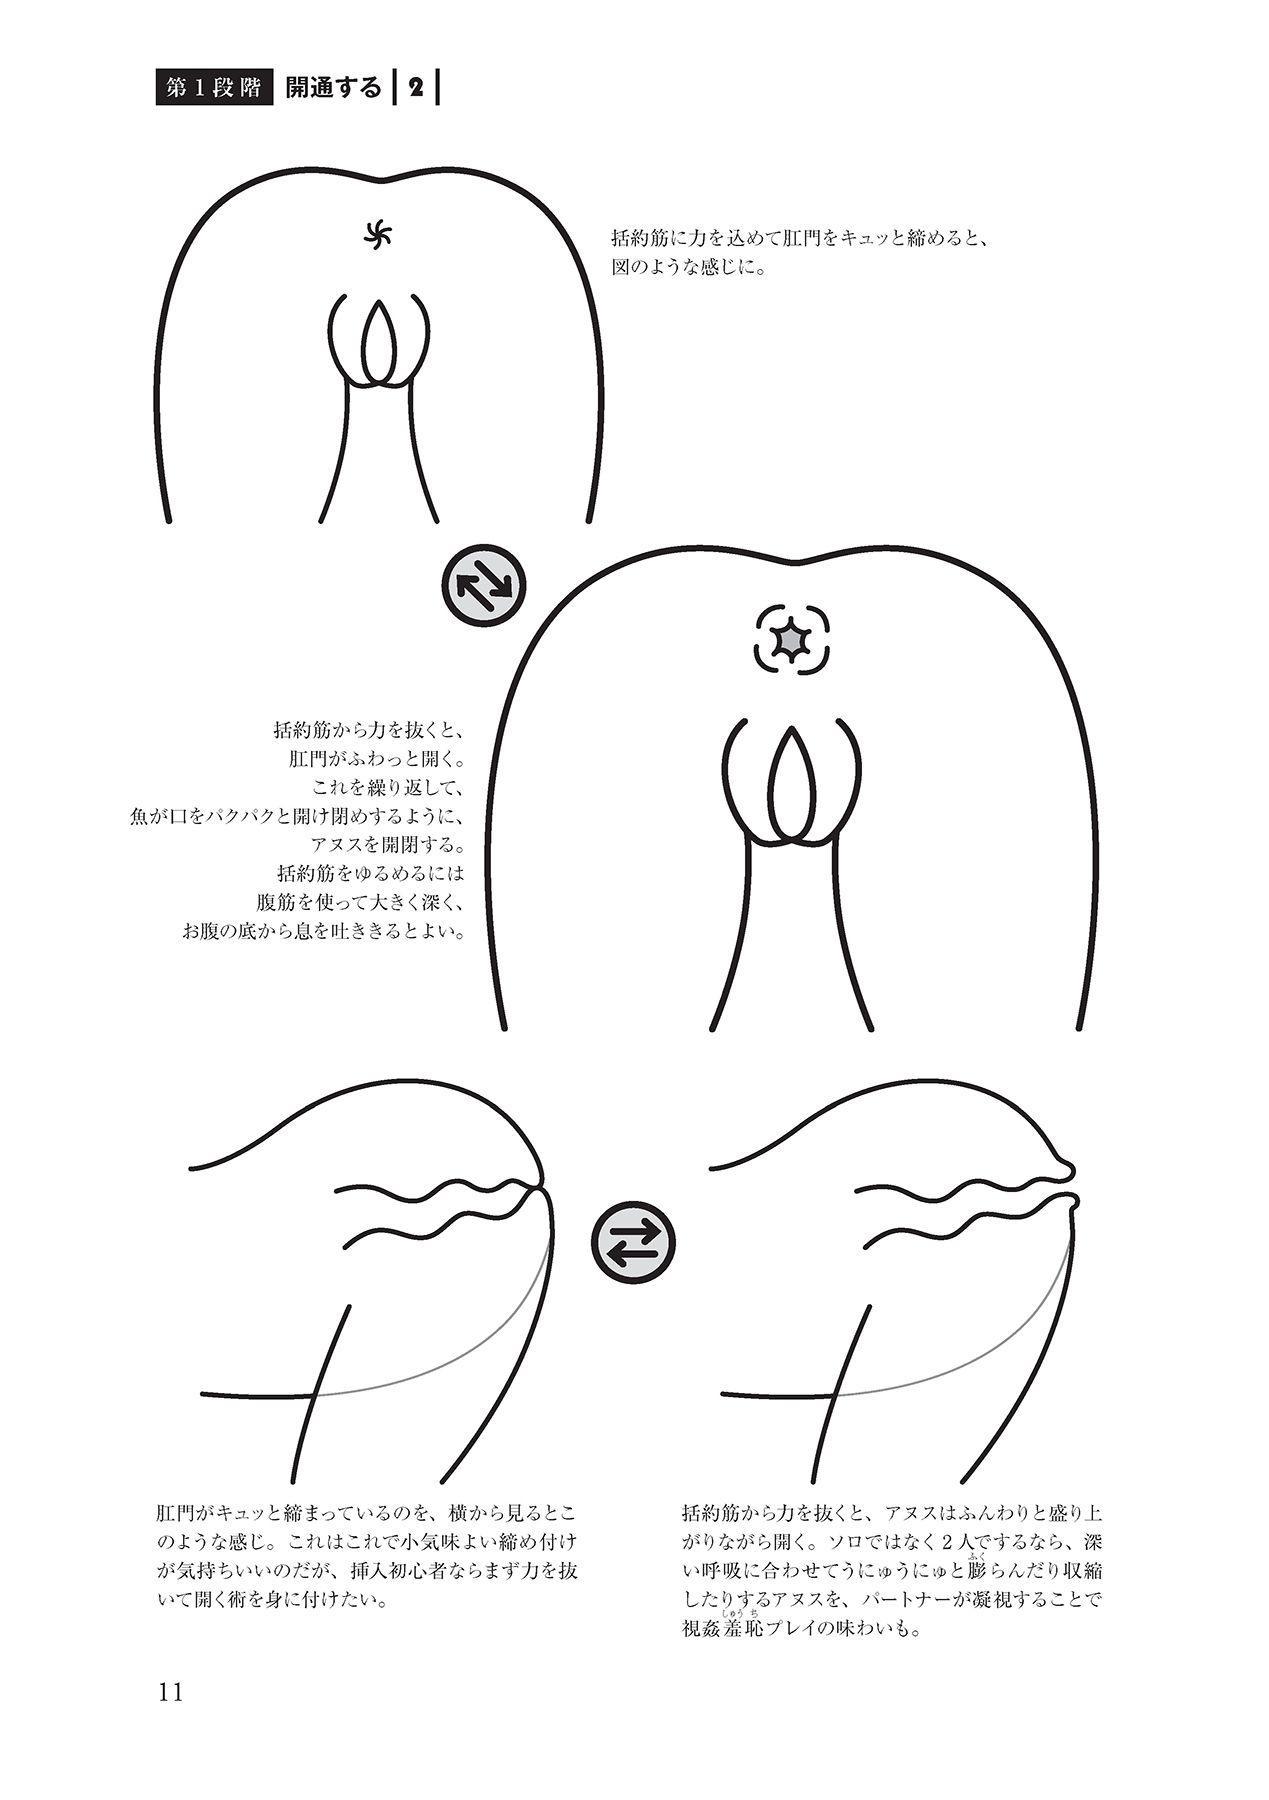 アナル性感開発・お尻エッチ 完全マニュアル 12